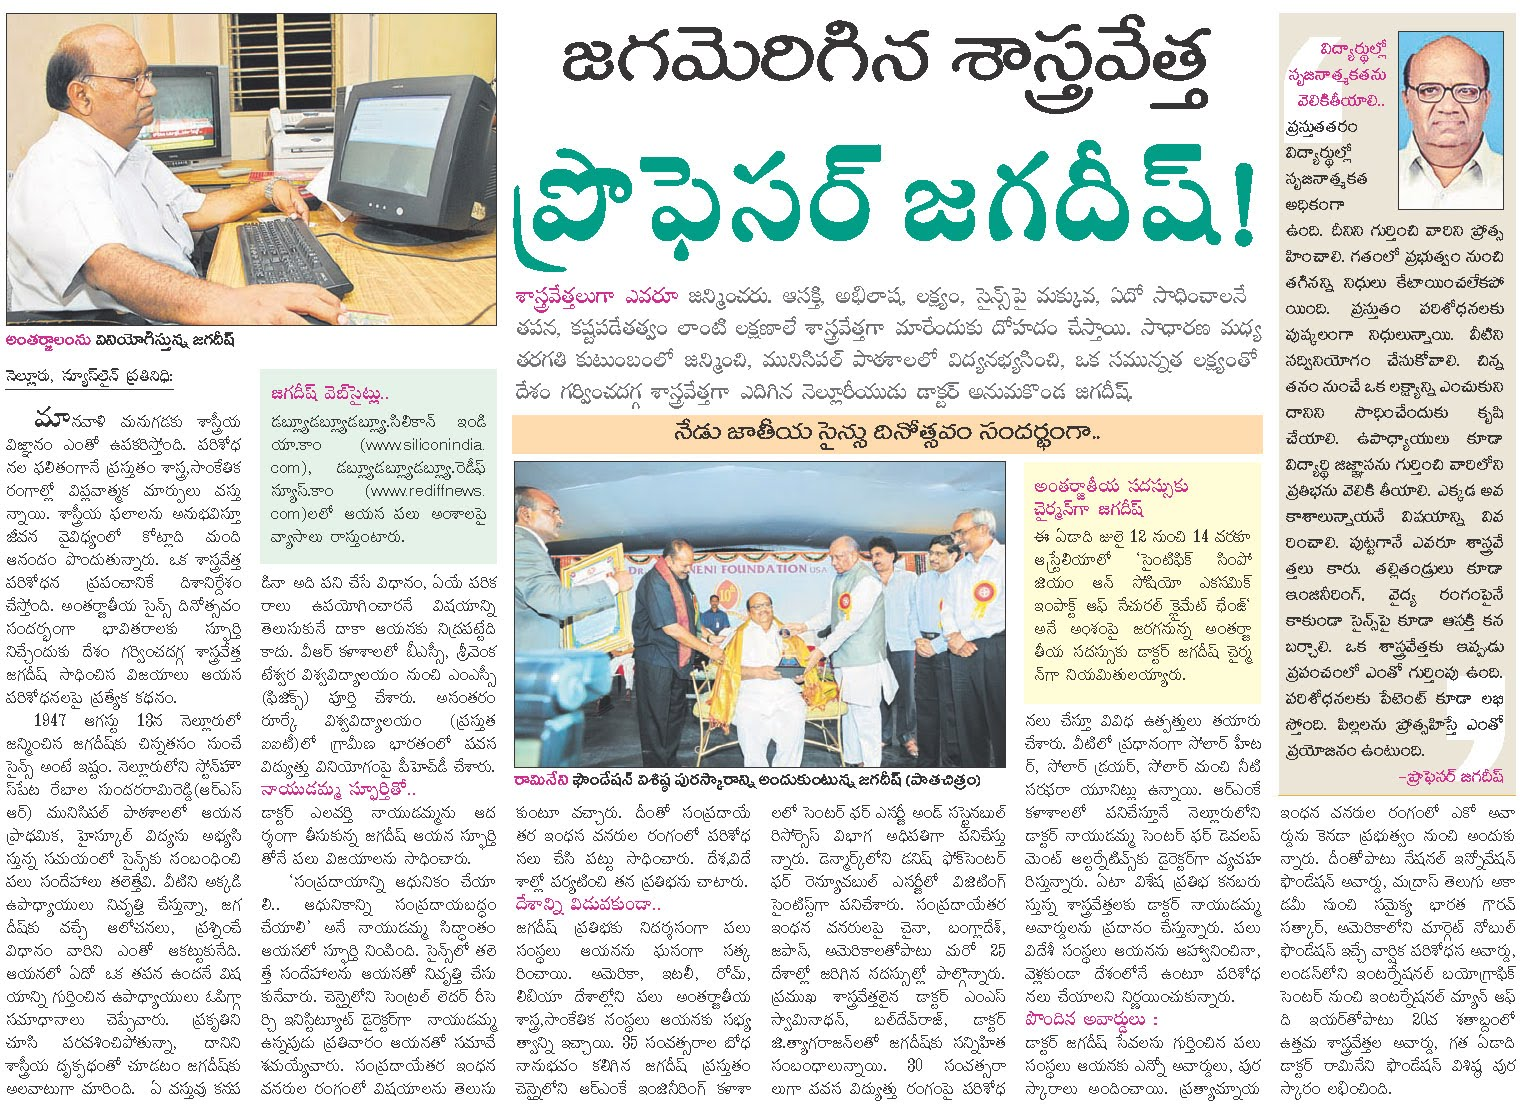 NEWS PAPER TODAY TELUGU - Telugu News Paper: Today Telugu